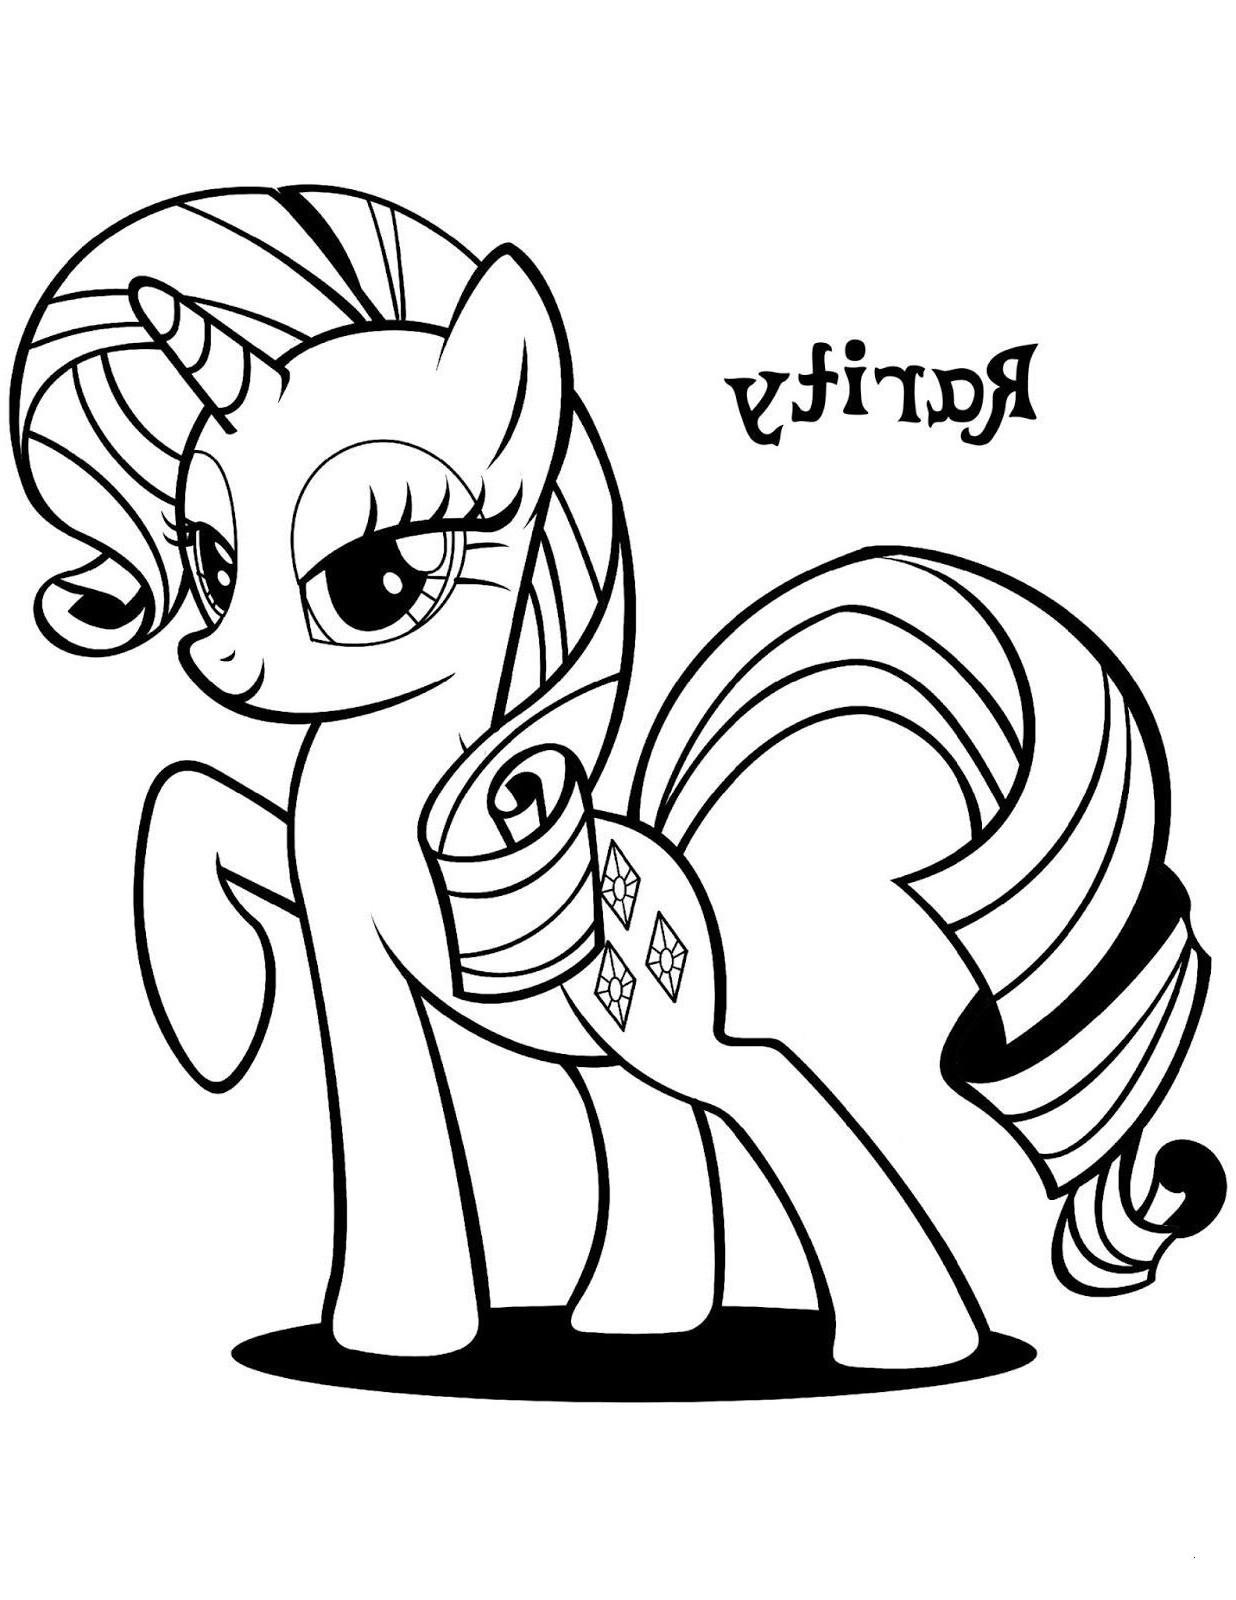 My Little Pony Friendship is Magic Ausmalbilder Einzigartig 29 Luxus My Little Pony Ausmalbild – Malvorlagen Ideen Das Bild